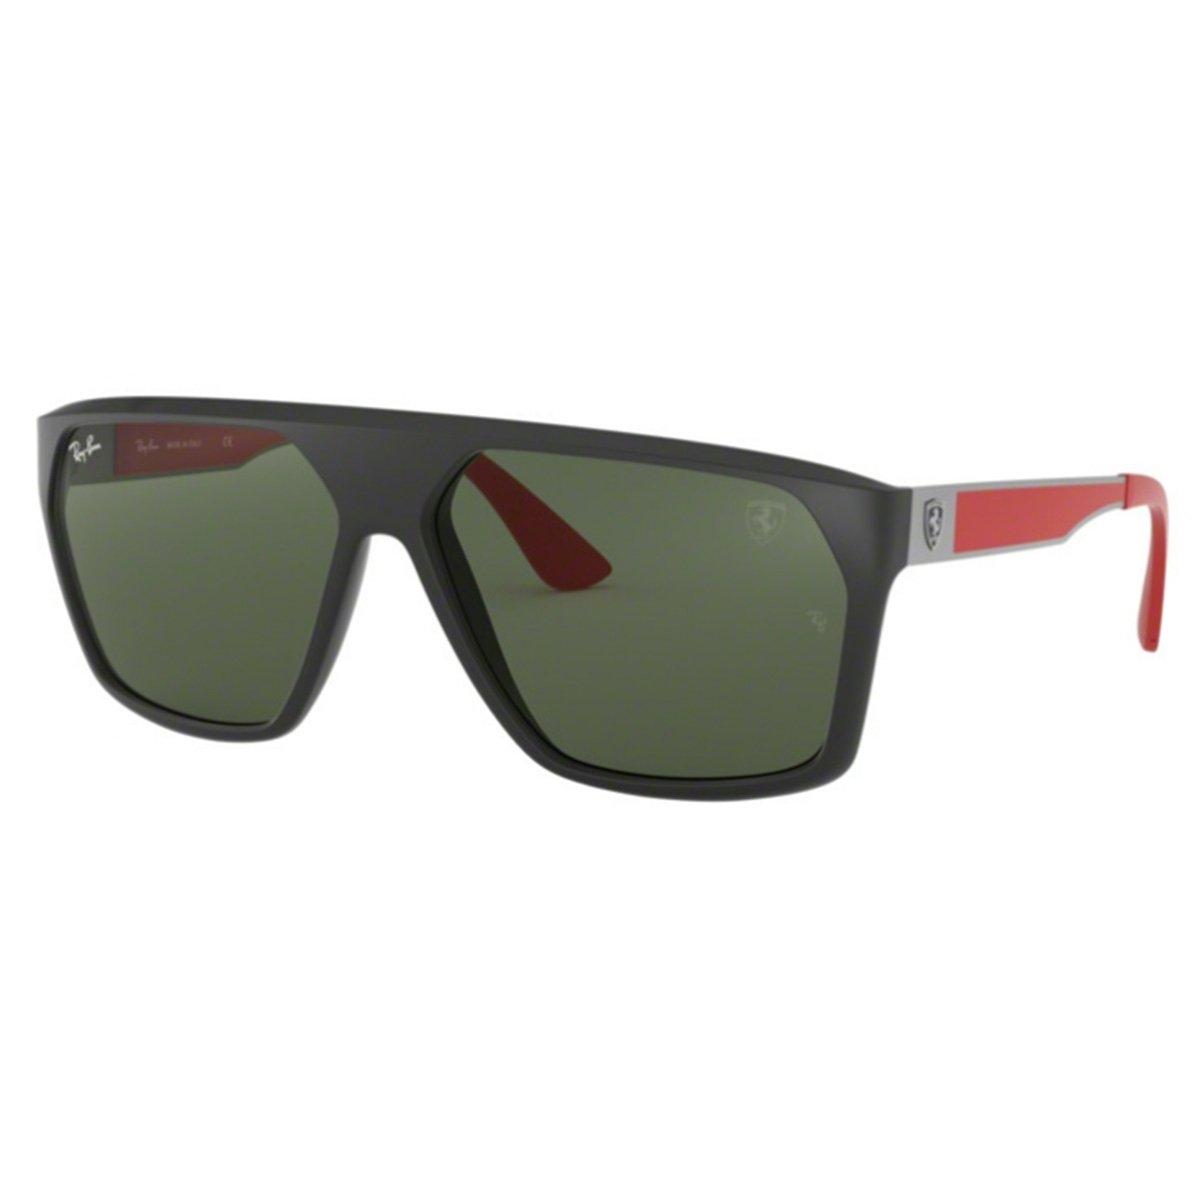 8e4f6ef35f9e6 Compre Óculos de Sol Ray Ban Ferrari em 10X